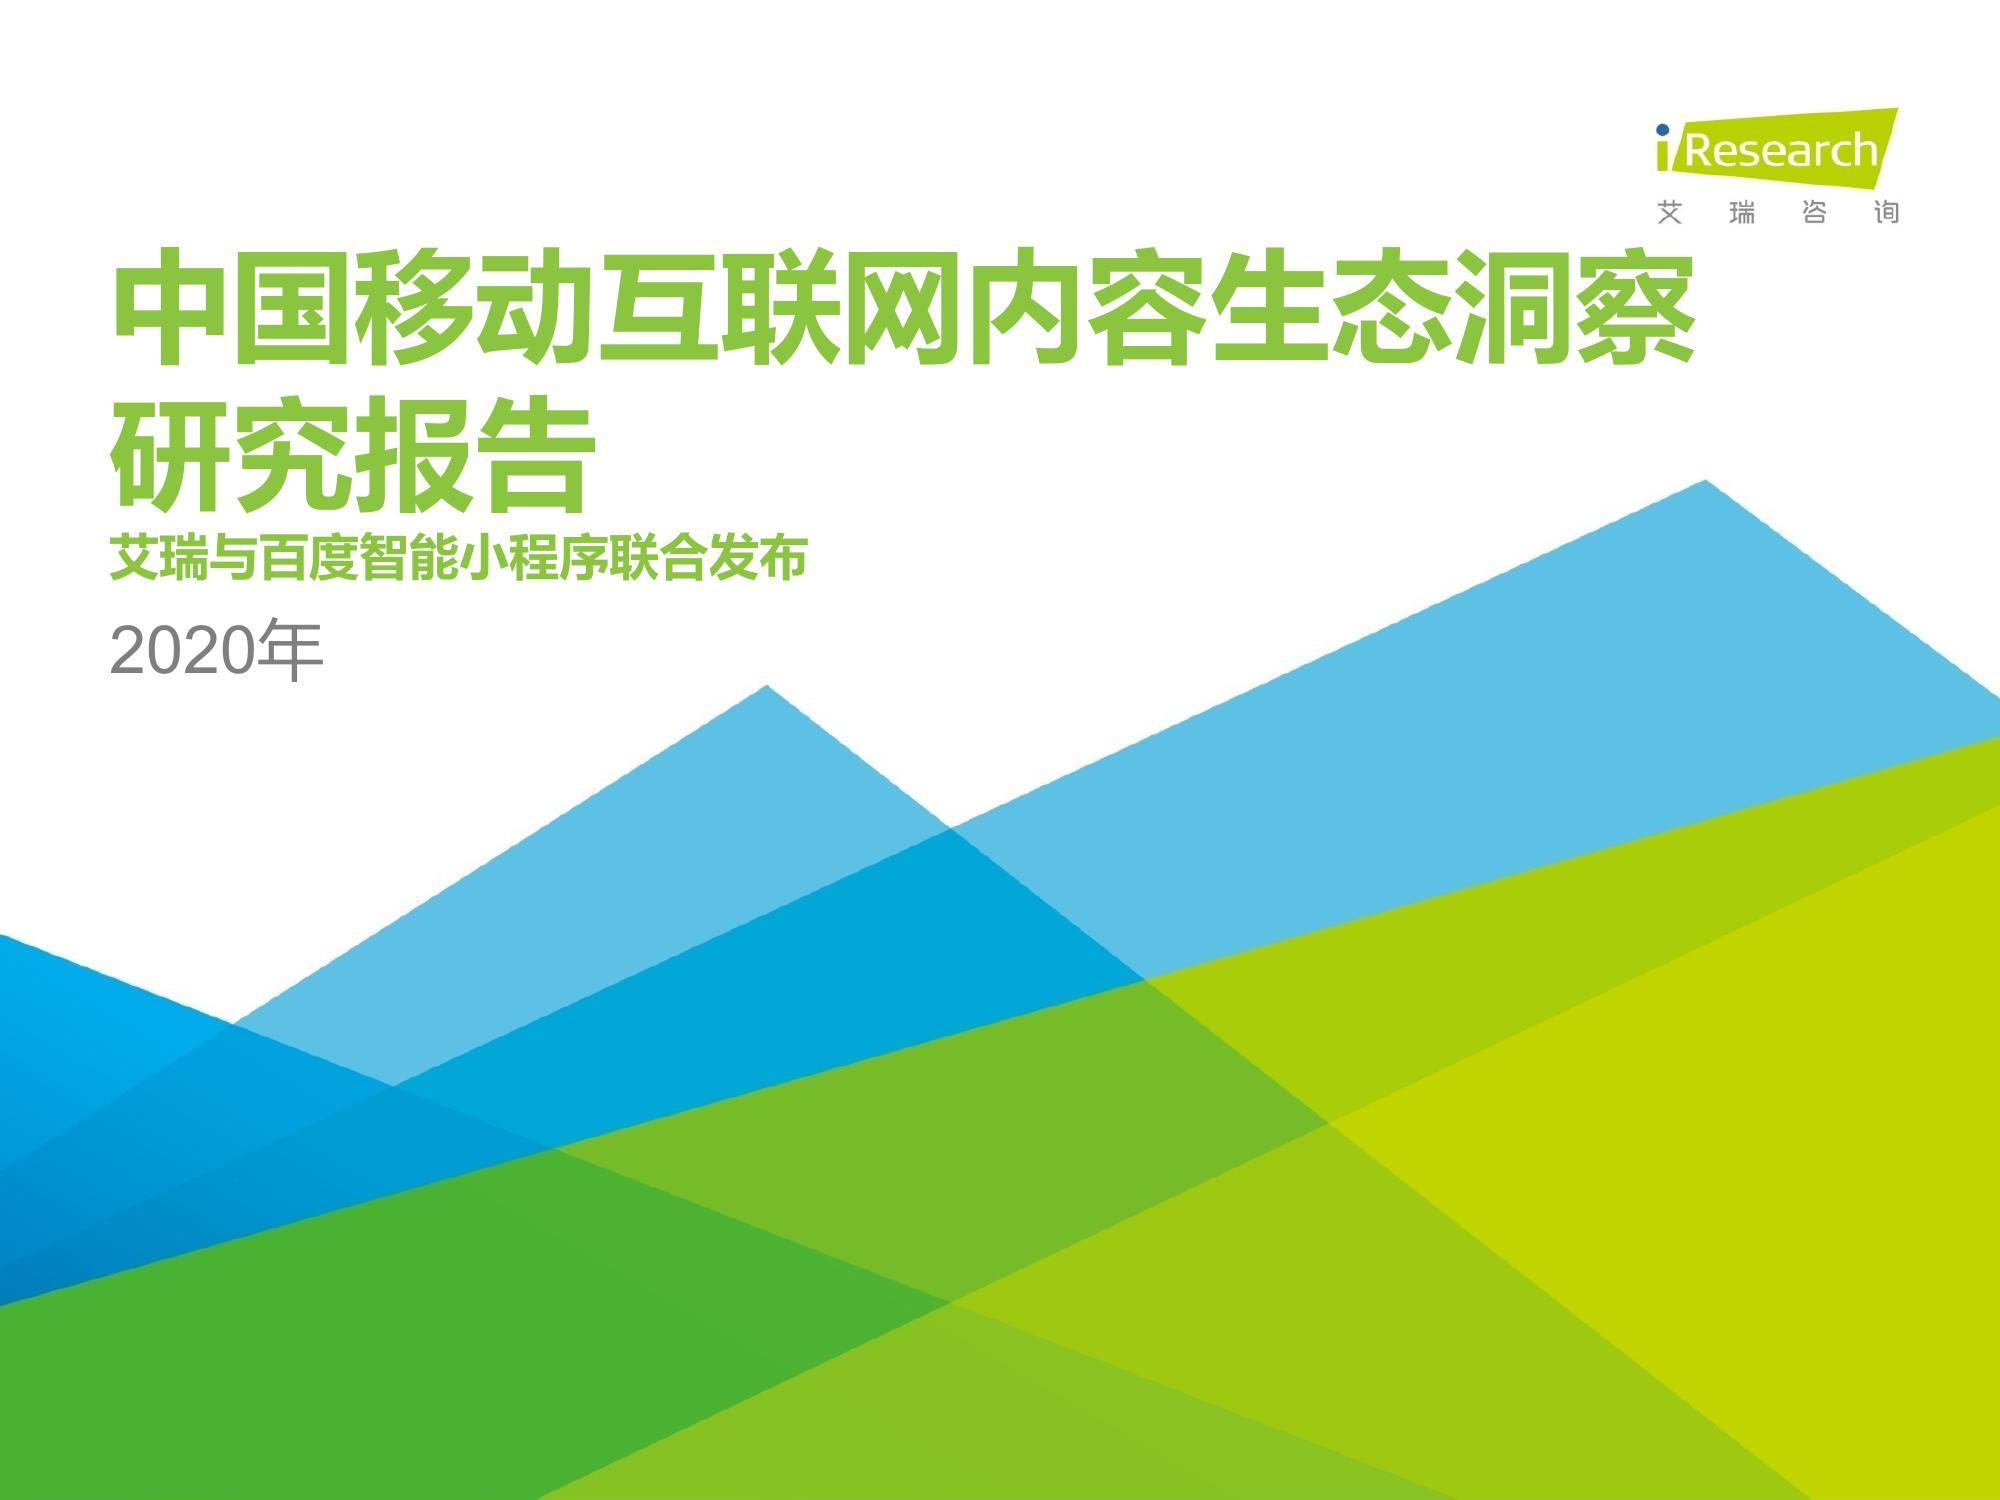 艾瑞咨询:2020年中国移动互联网内容生态洞察报告(附下载)